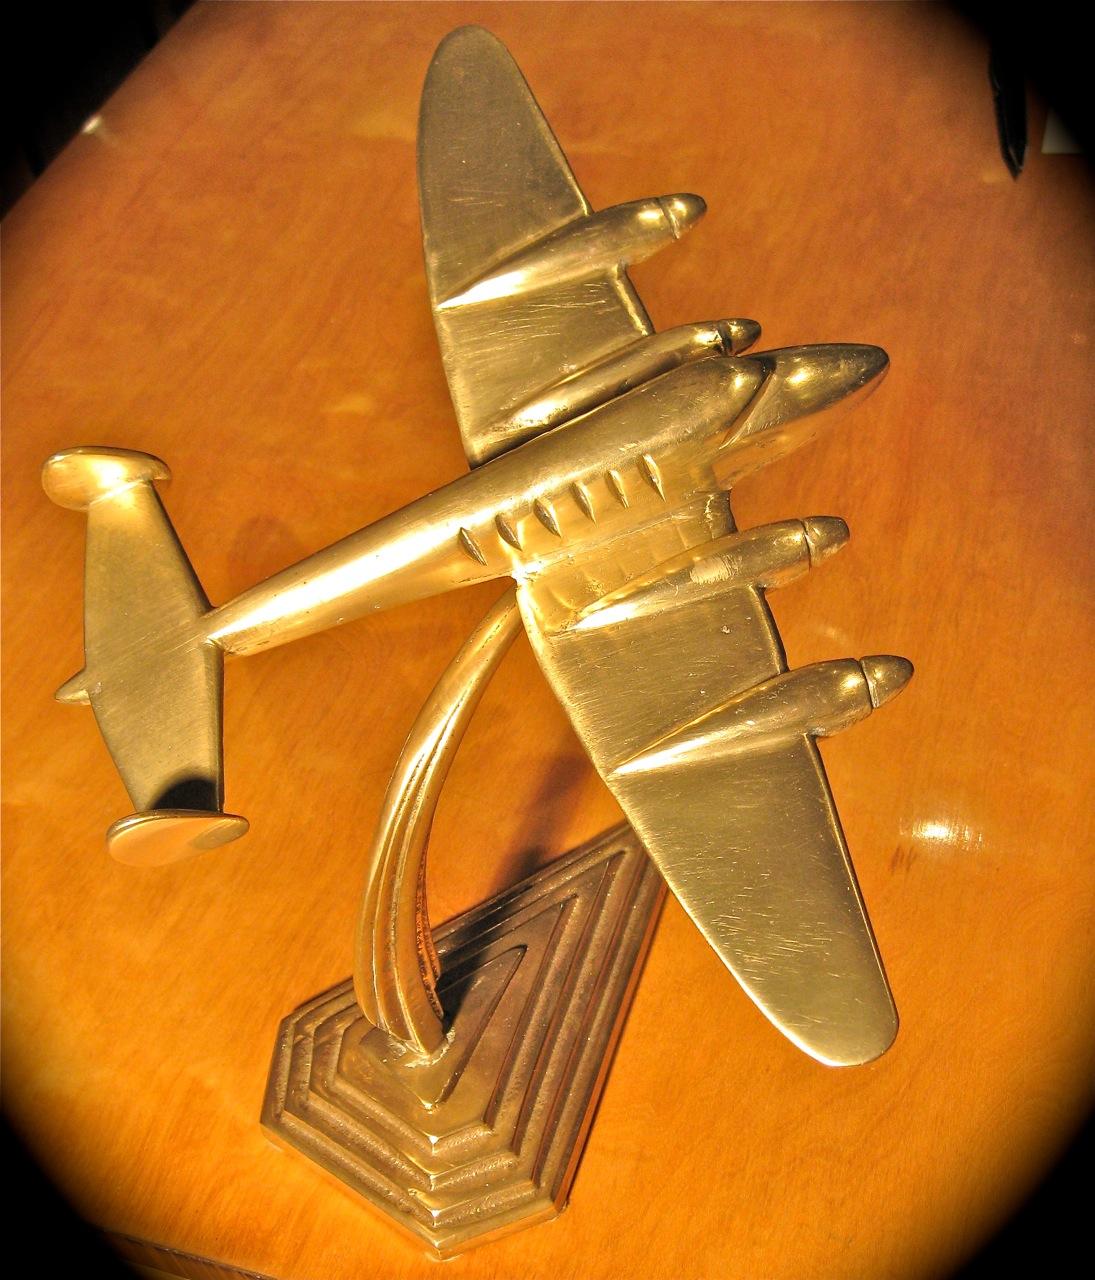 1930s art deco plane sold items statues art deco - What is art deco ...